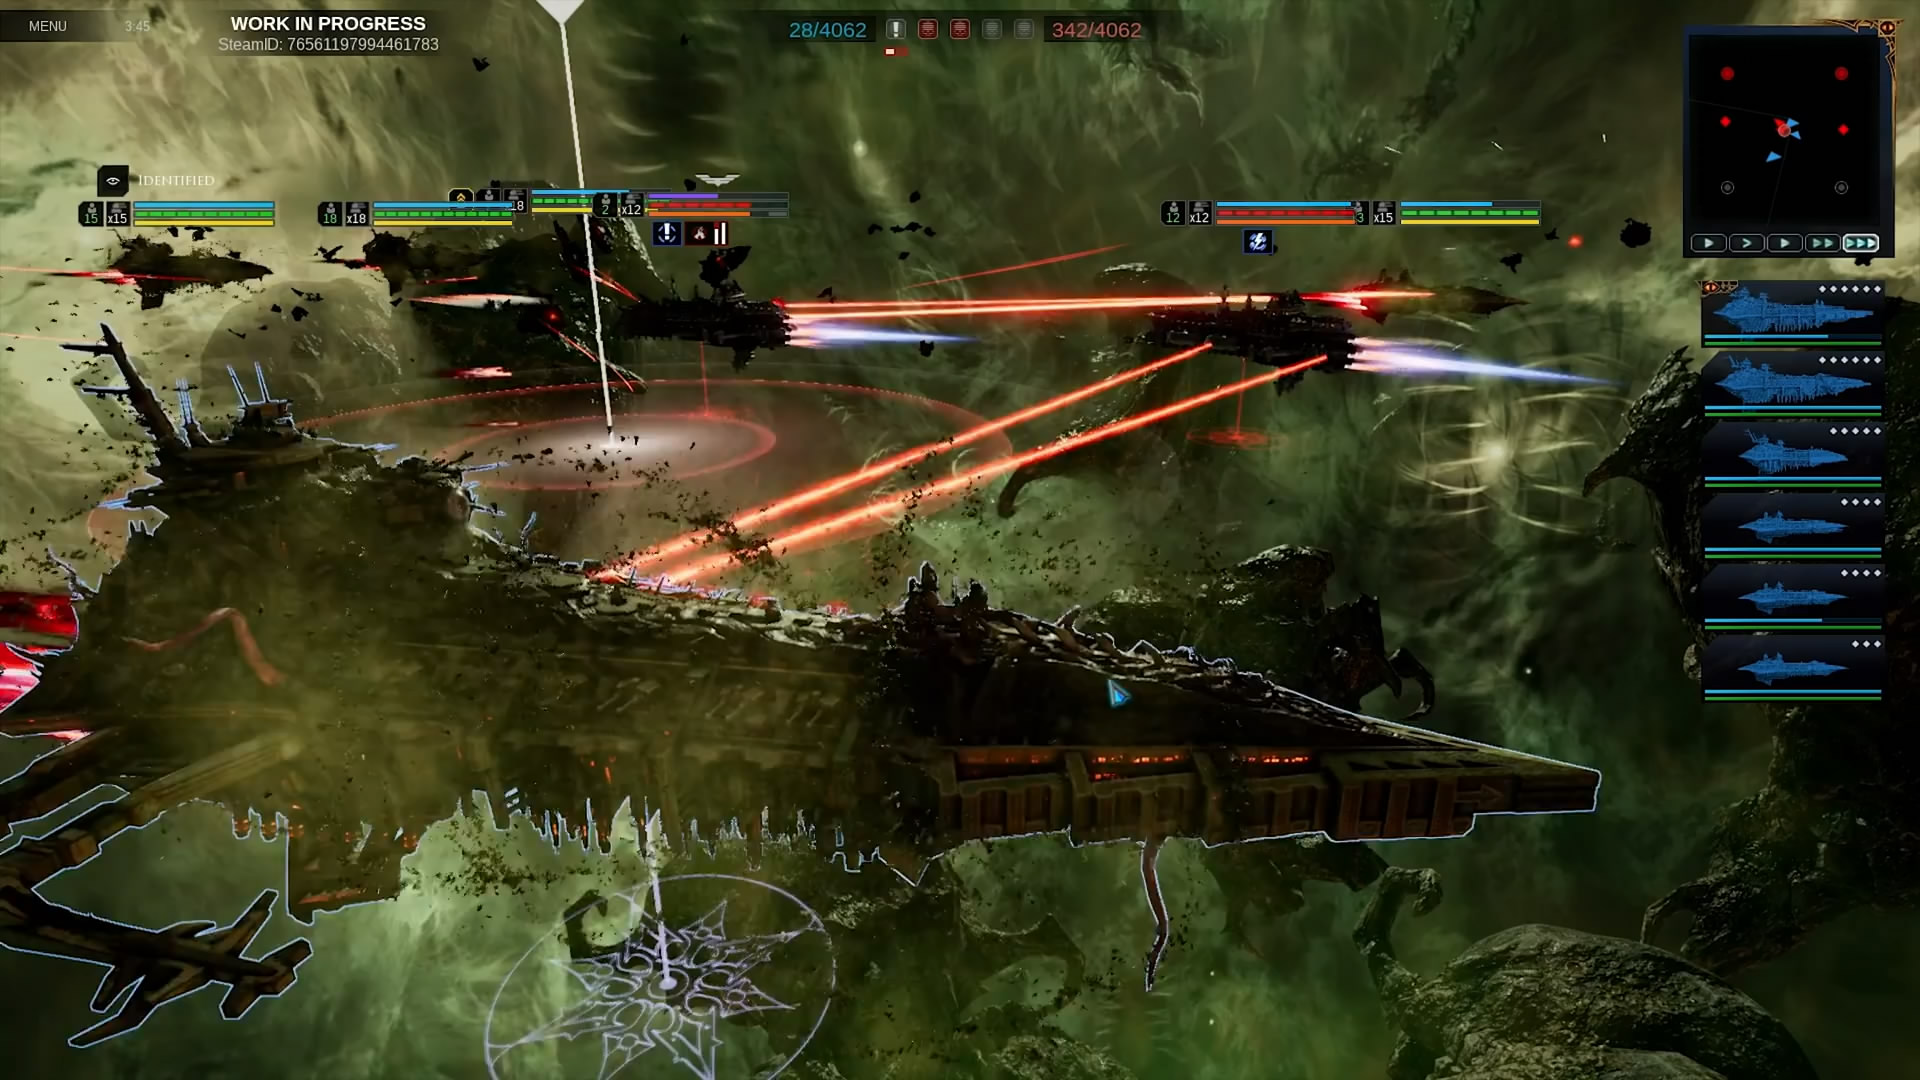 《哥特舰队:阿玛达2》新v舰队视频战舰宇宙疯保时捷911视频图片